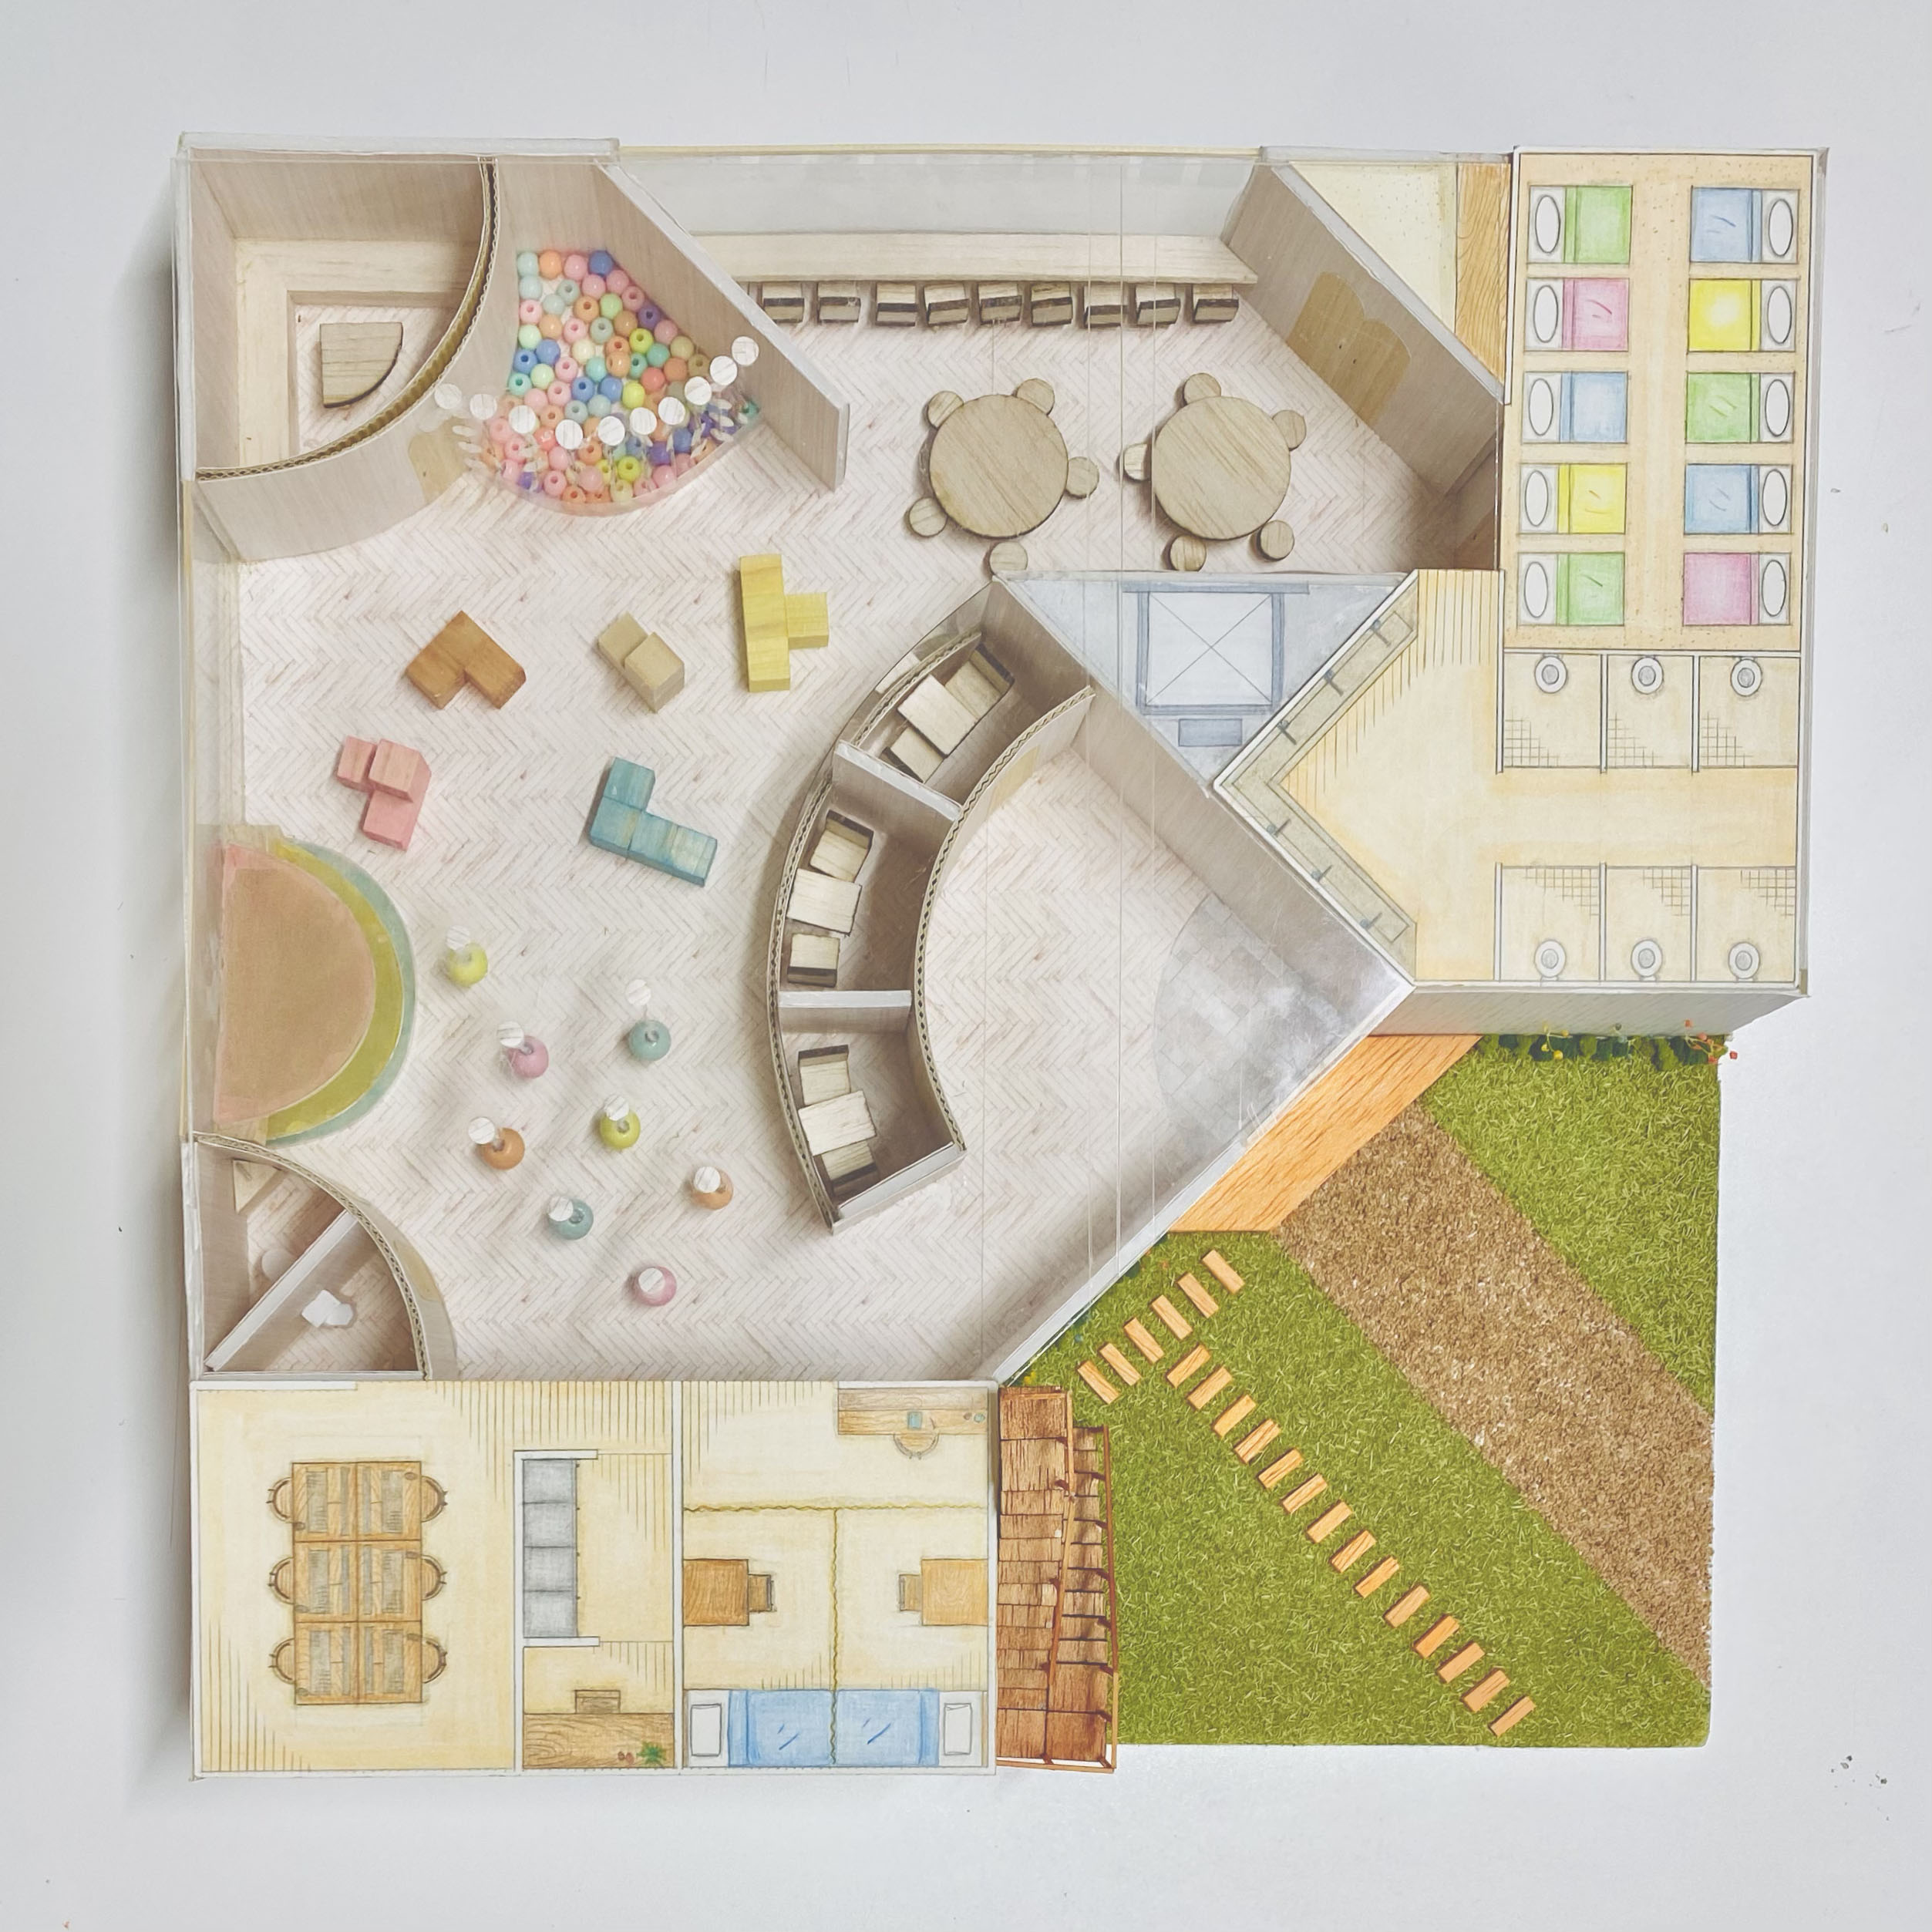 遊びながら体幹と五感を刺激するトレーニング遊具を1階ホールに設置。